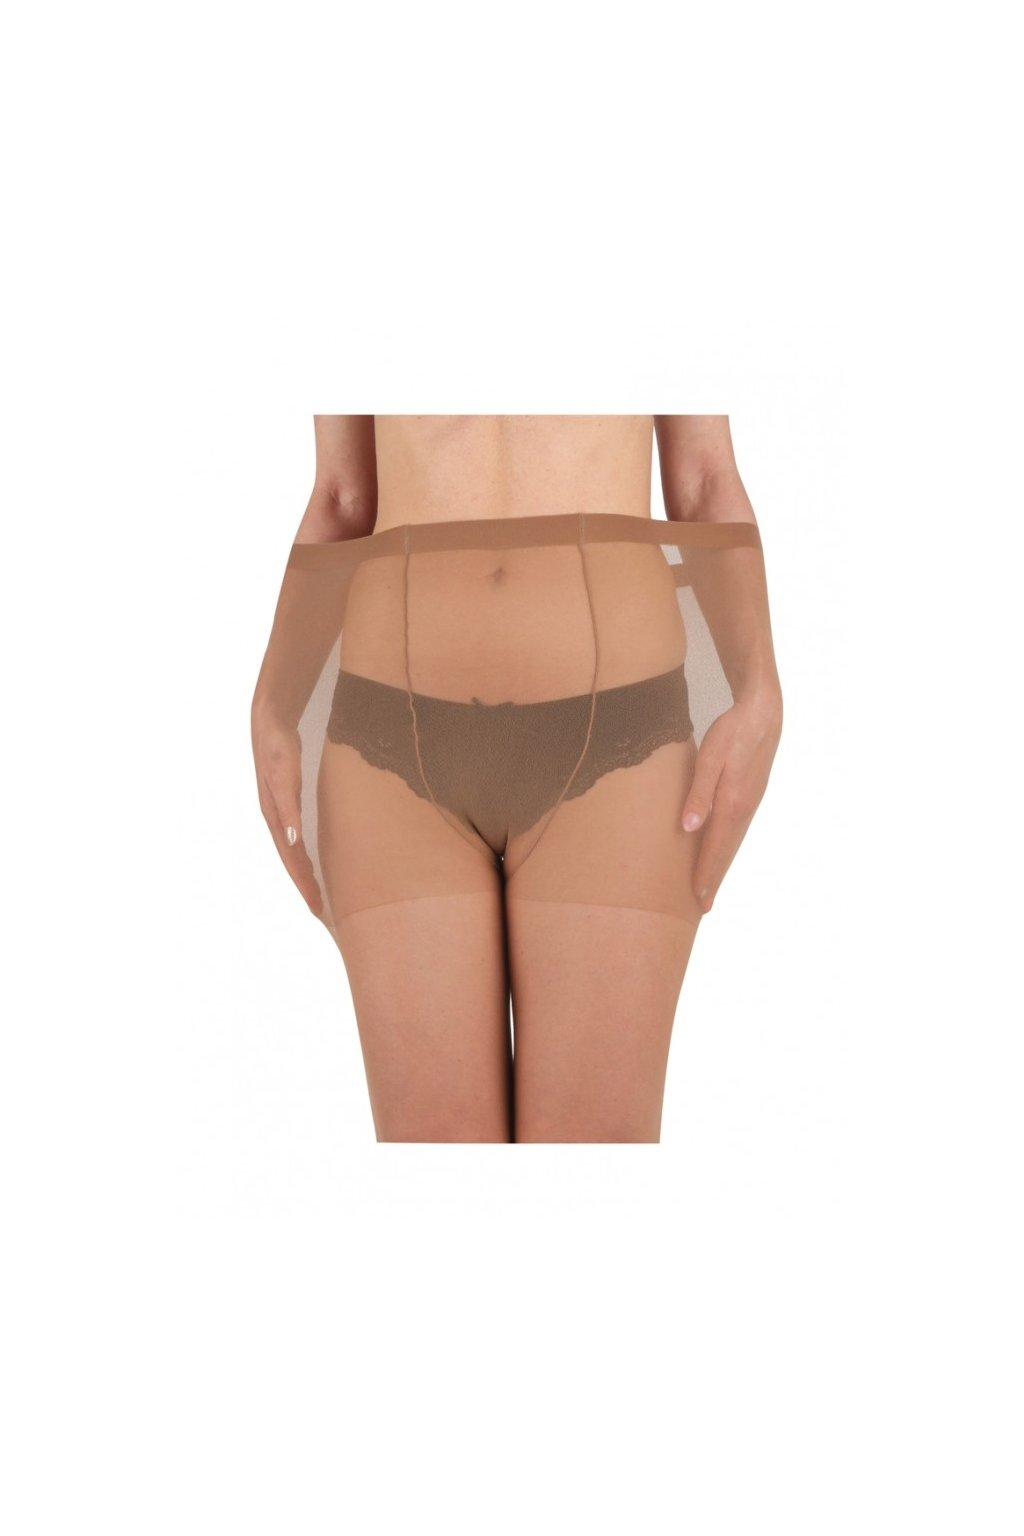 Dámské punčochové kalhoty Maxana tělové 4